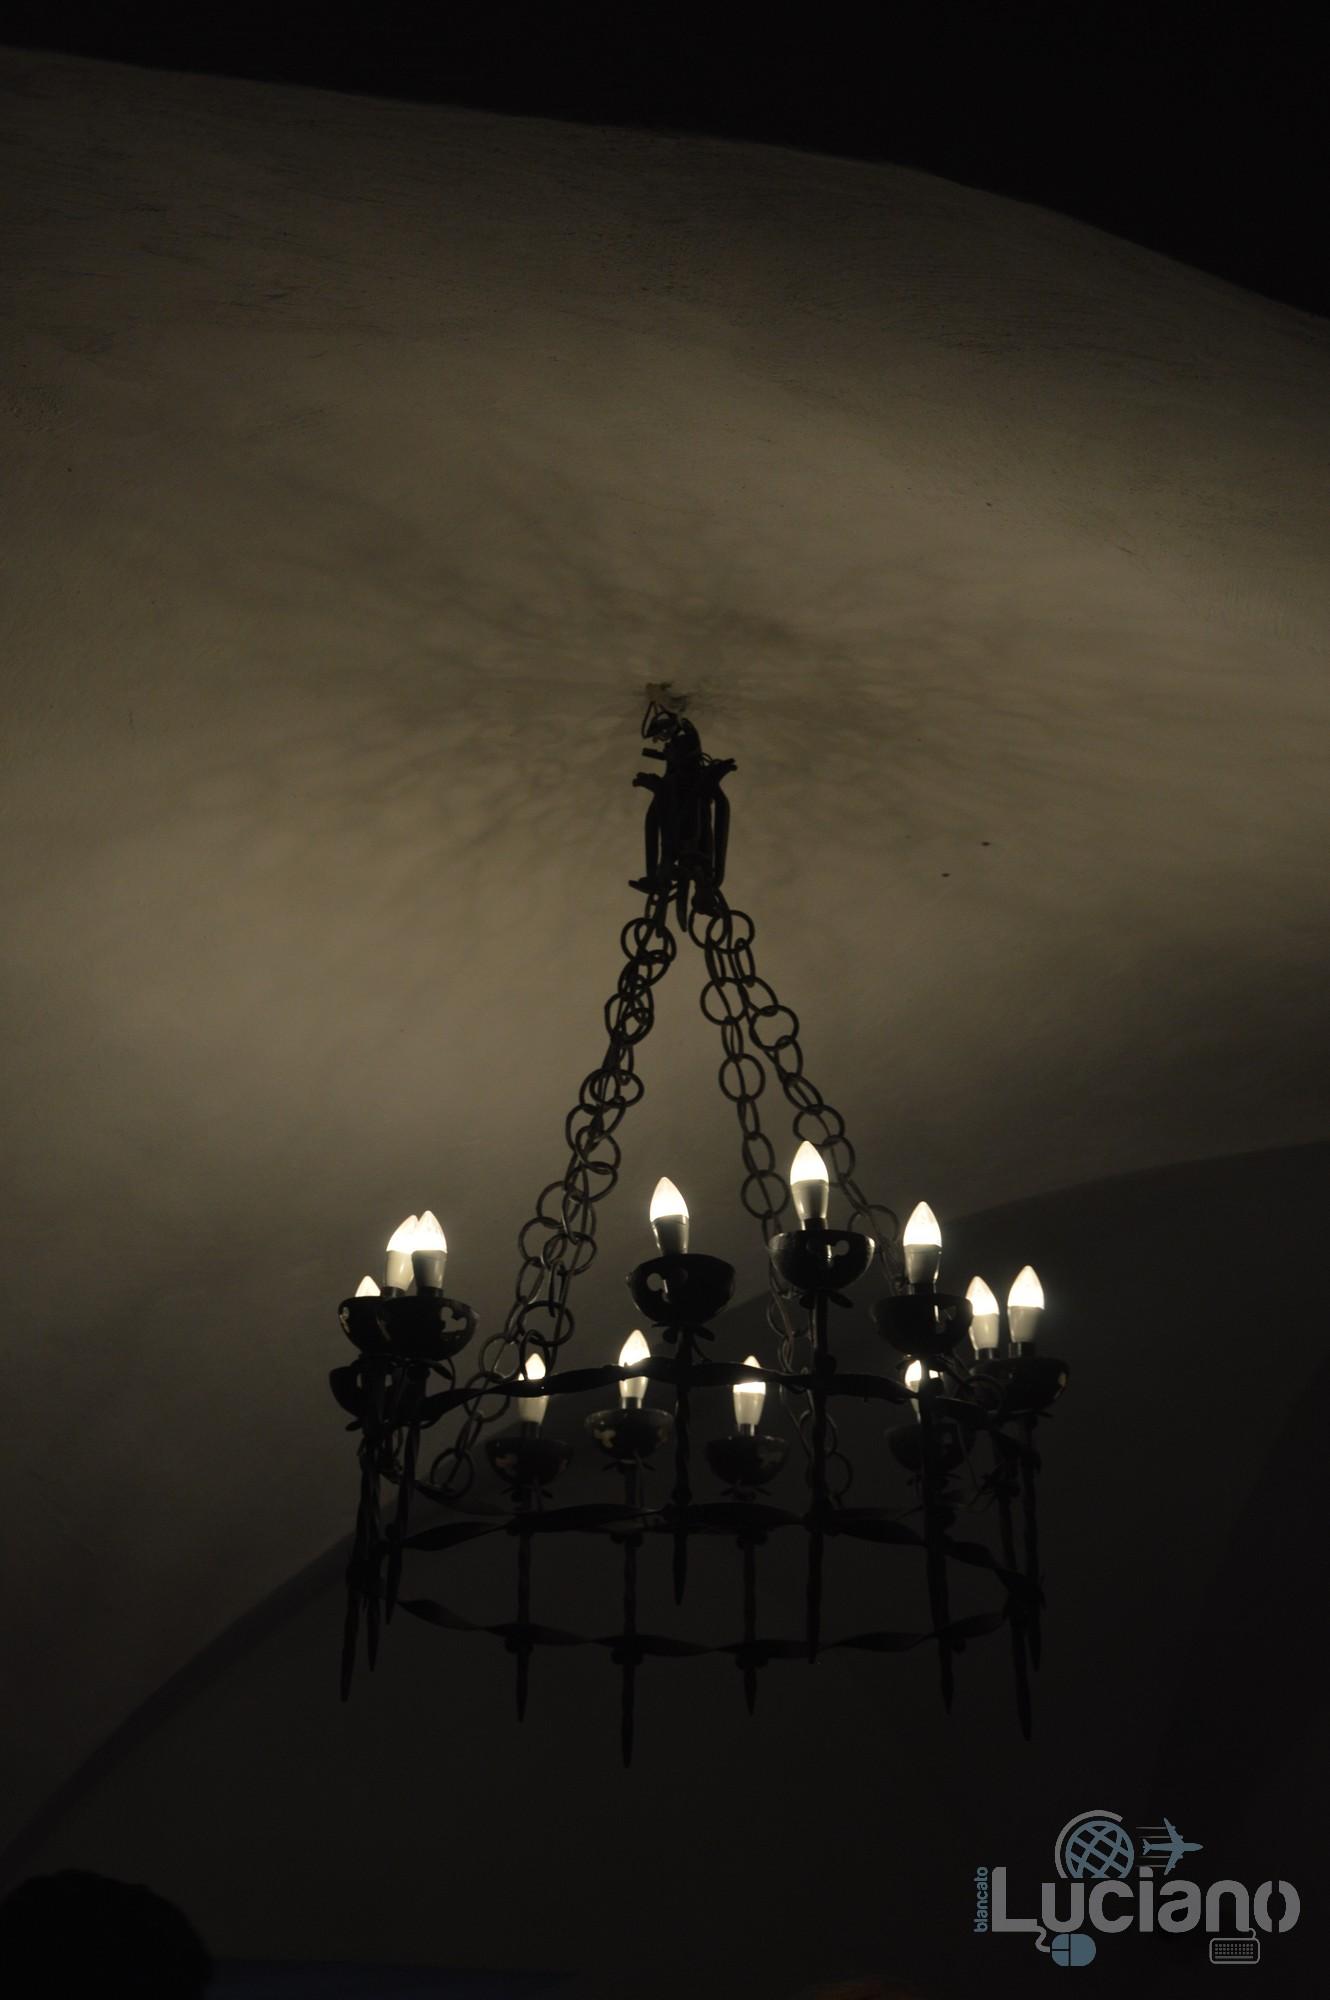 castello-di-dracula-castello-di-bran-luciano-blancato (47)